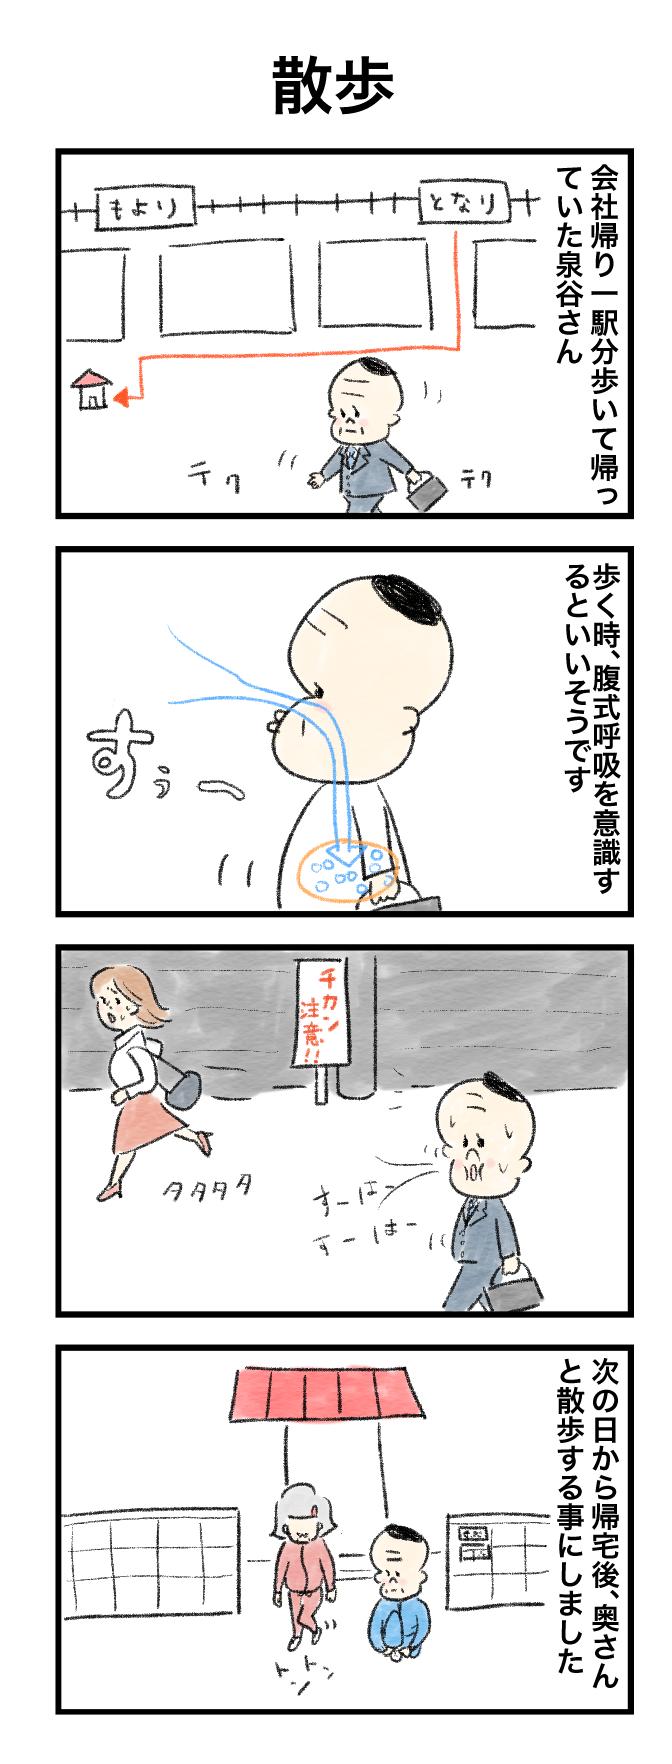 今日の泉谷さん【19】 作:カワサキヒロシ(ごとお日漫画)